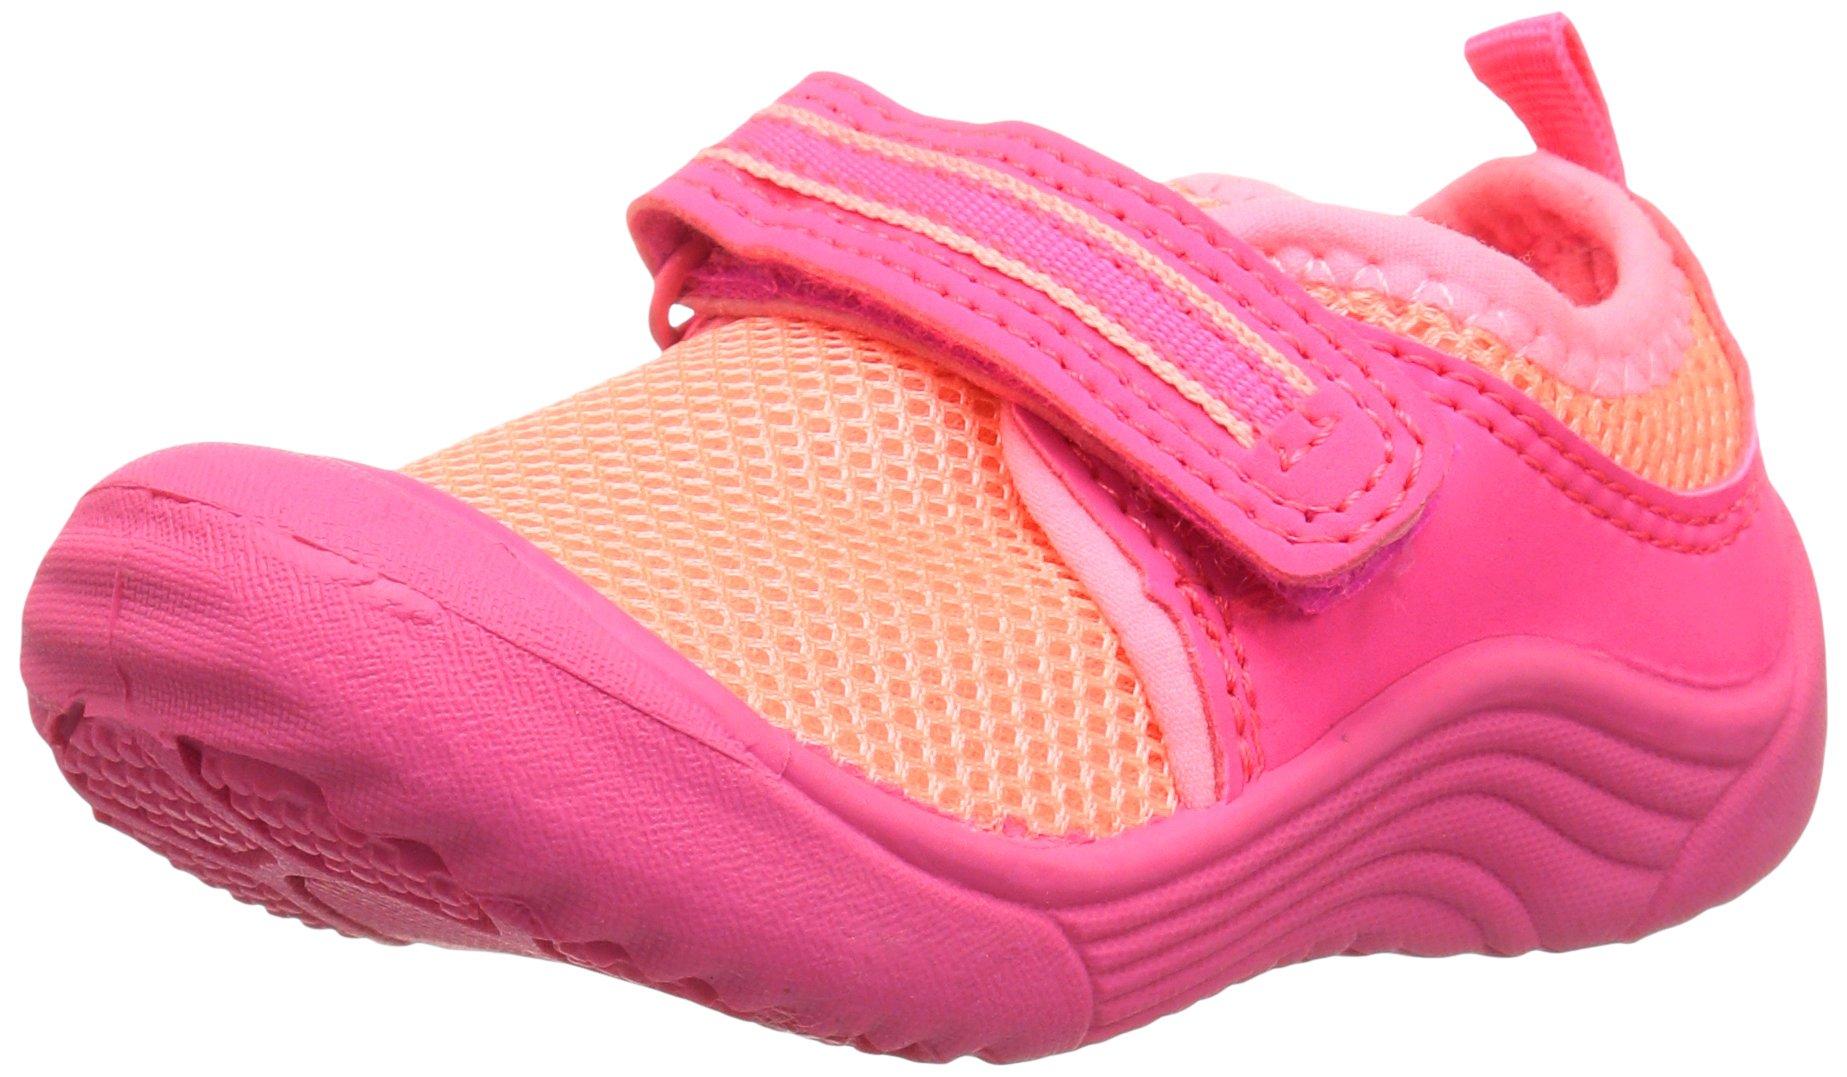 Carter's Girls' Chucky Water Shoe, Pink/Orange, 10 M US Toddler